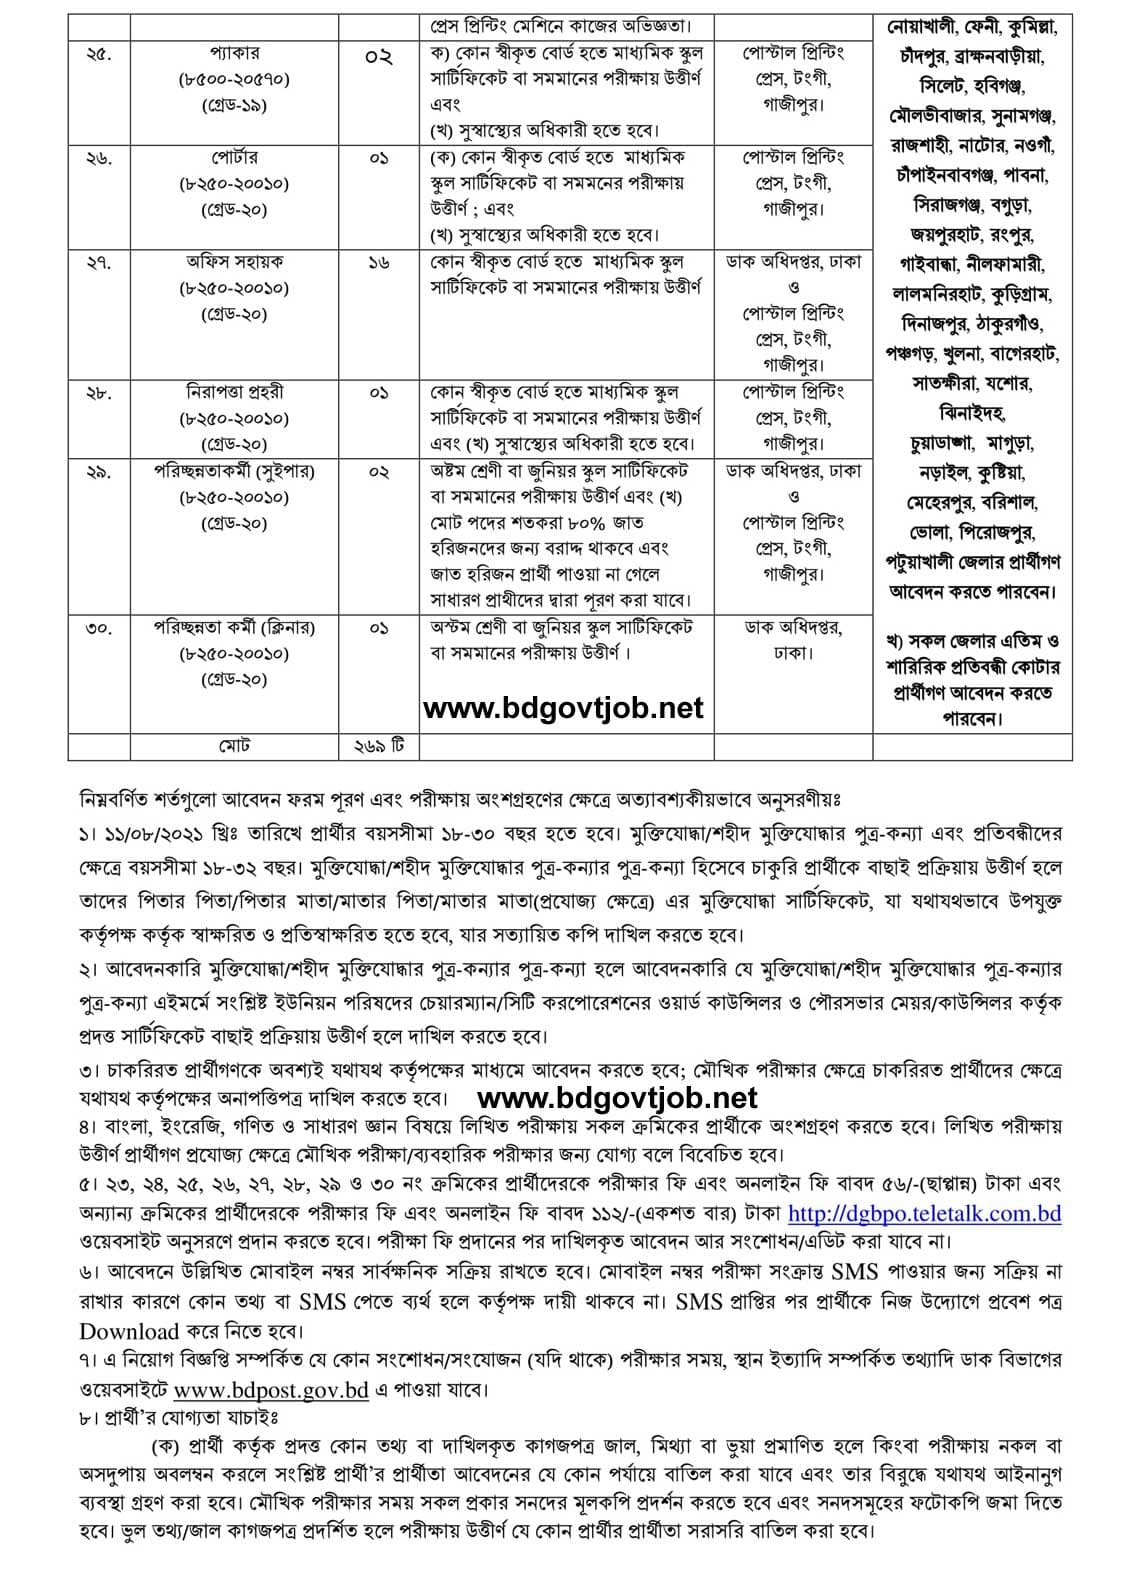 dgbpo.teletalk.com.bd